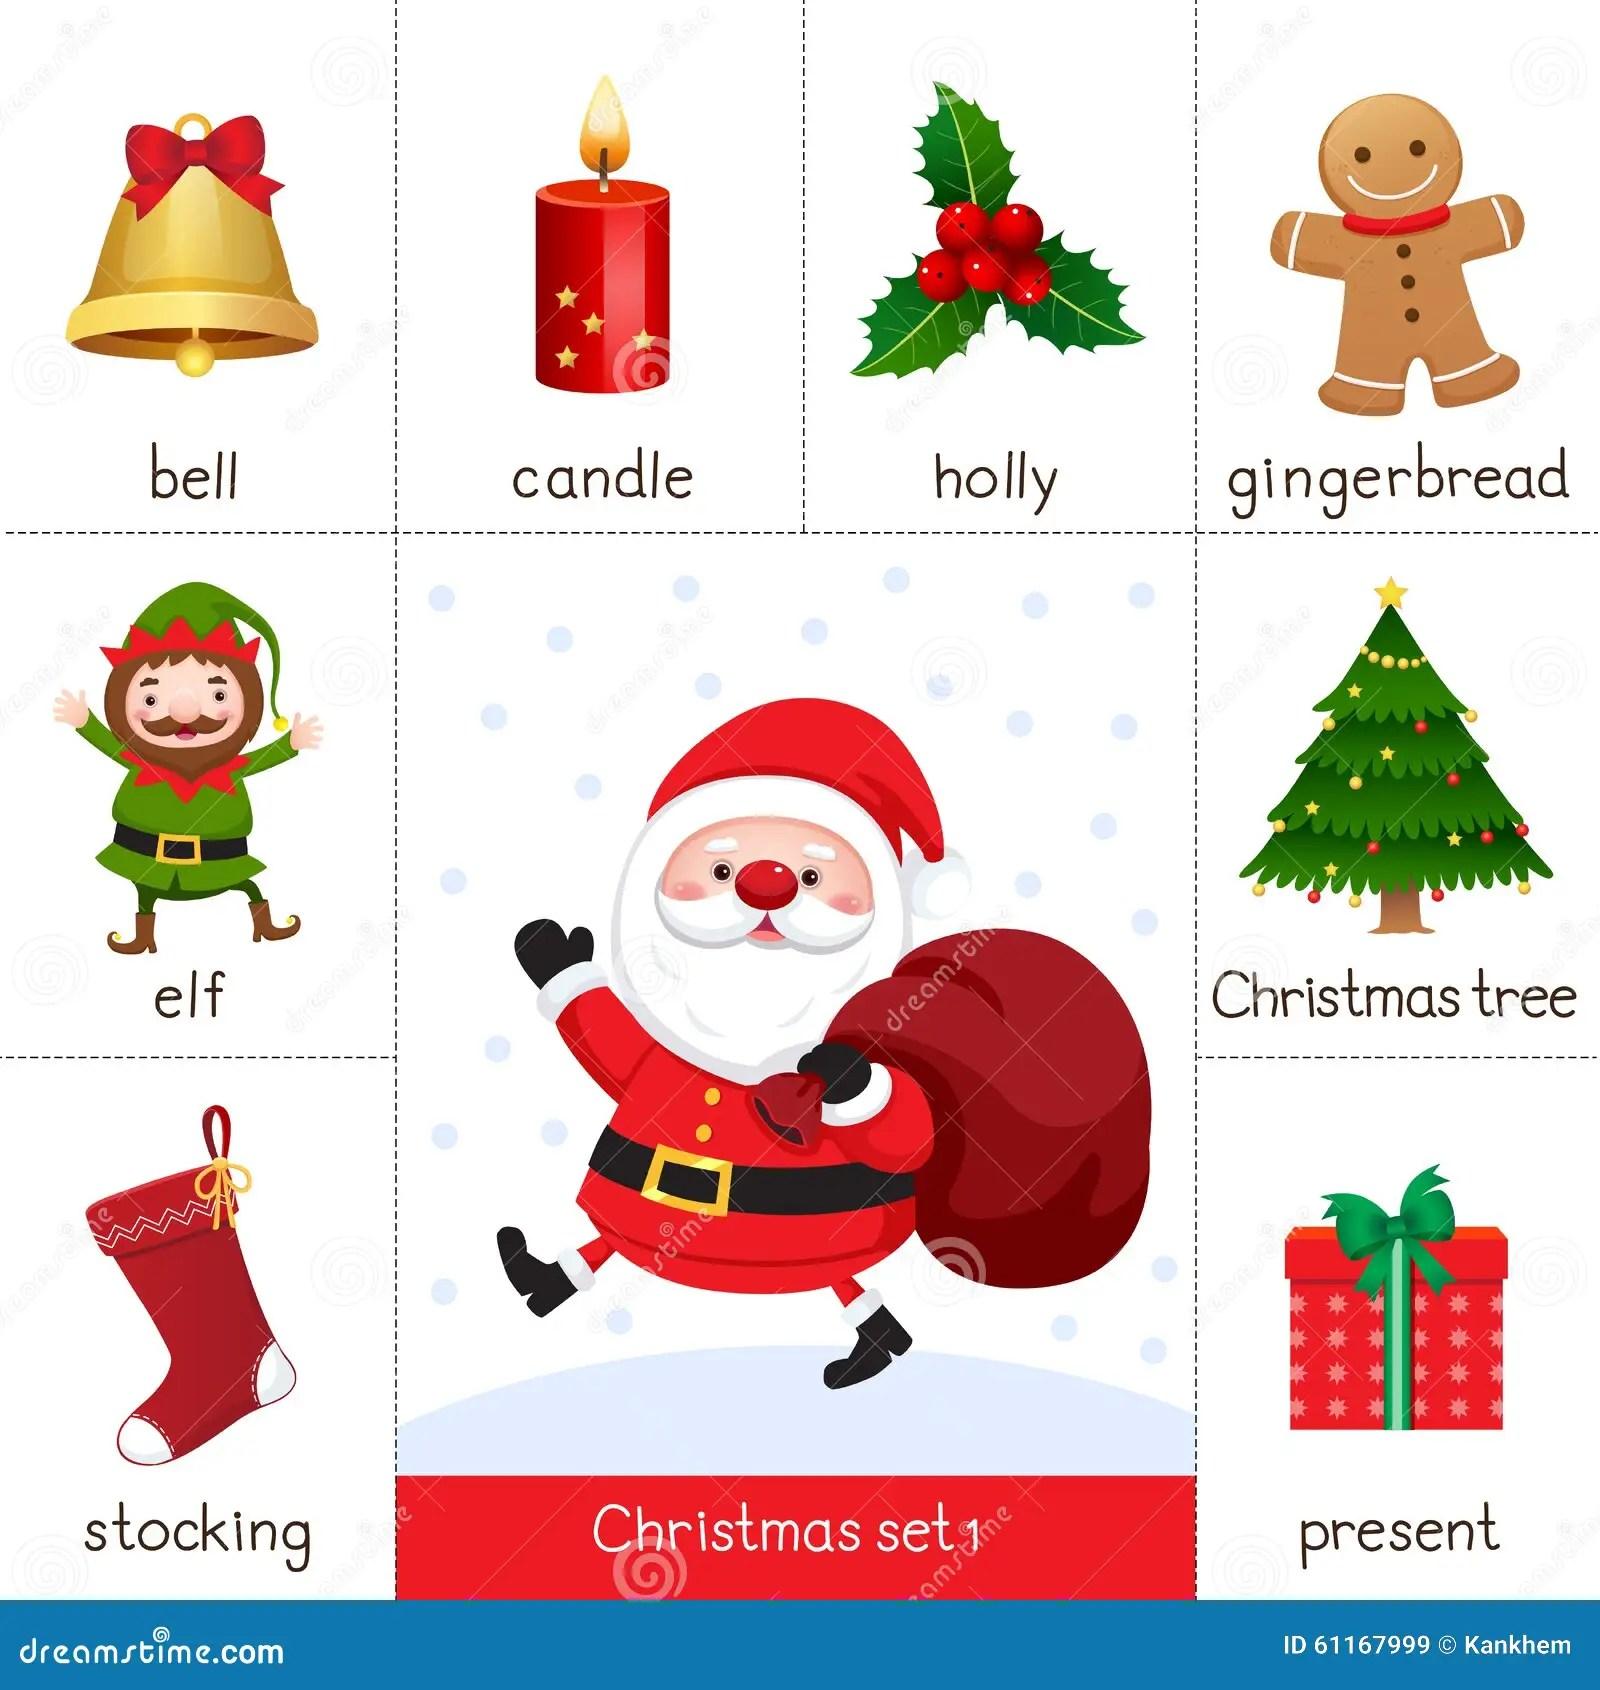 Printable Flash Card For Christmas Set And Santa Claus